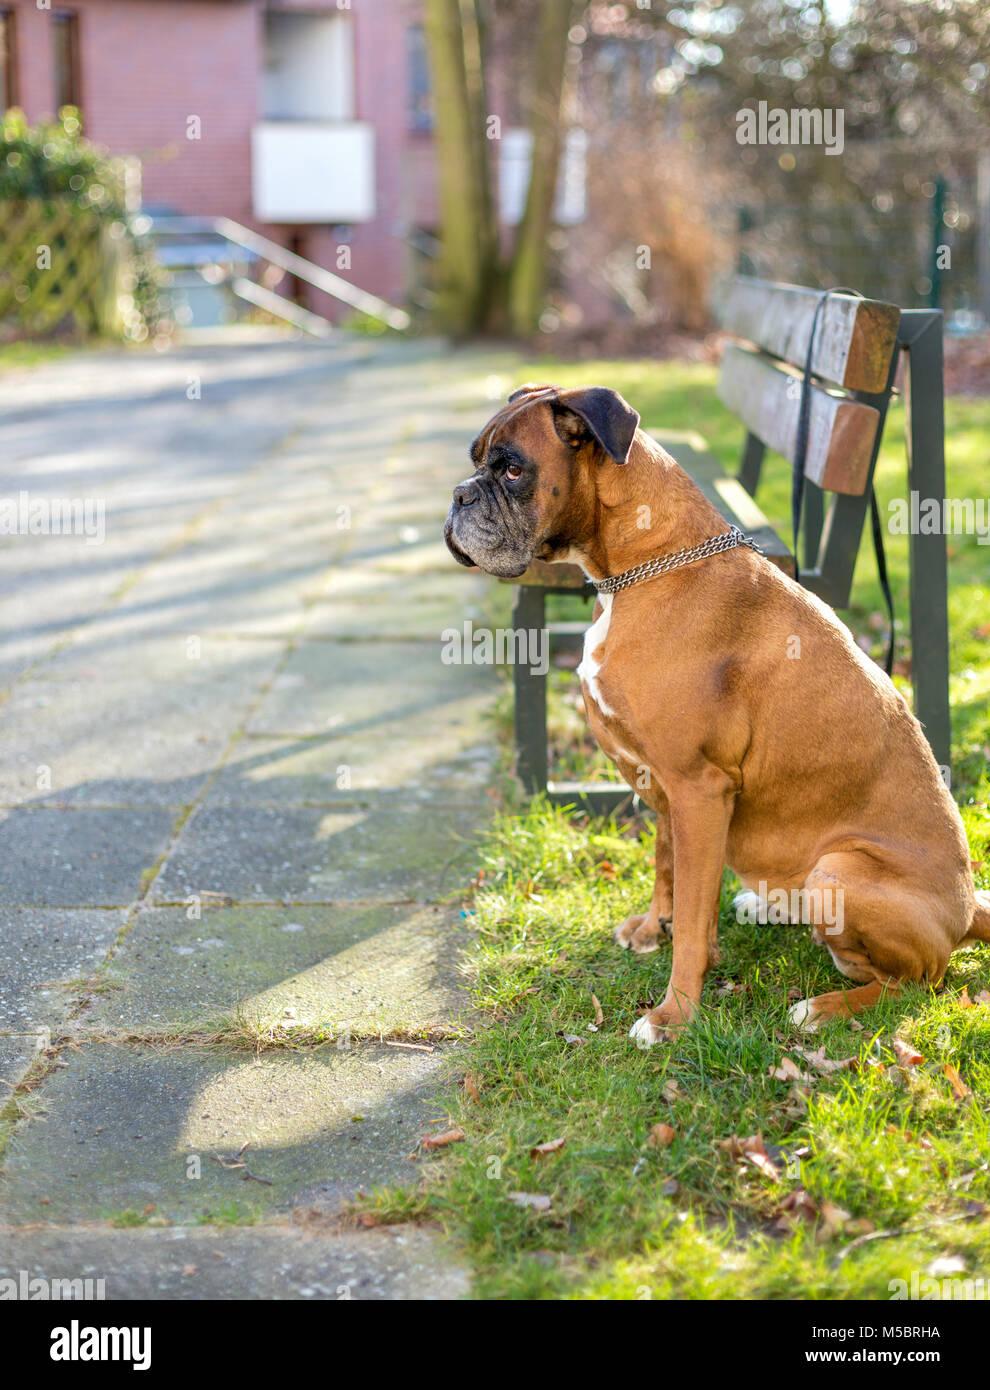 Boxer hund alleine neben einer Bank allein gelassen - Stock Image